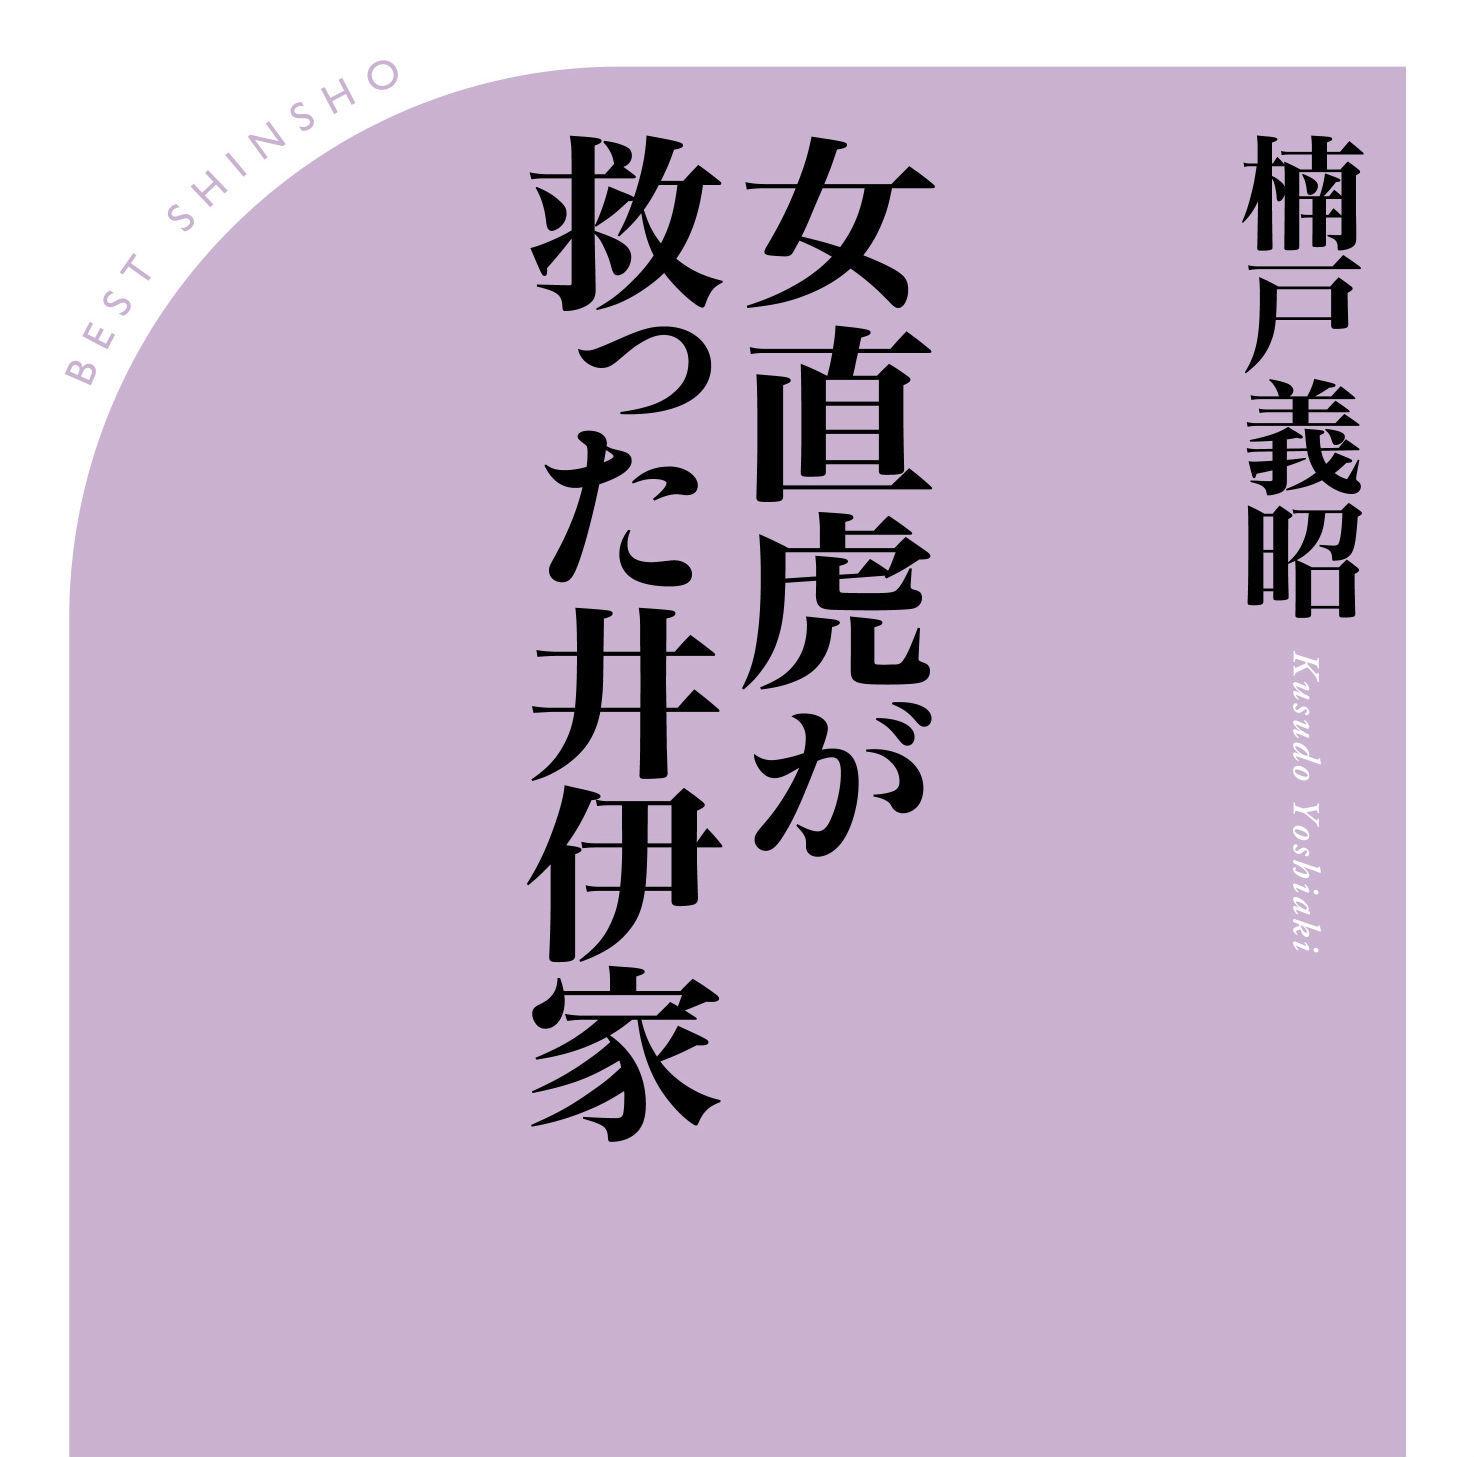 女? それとも男? 2017年大河ドラマ『おんな城主 直虎』の主人公、井伊直虎とは?